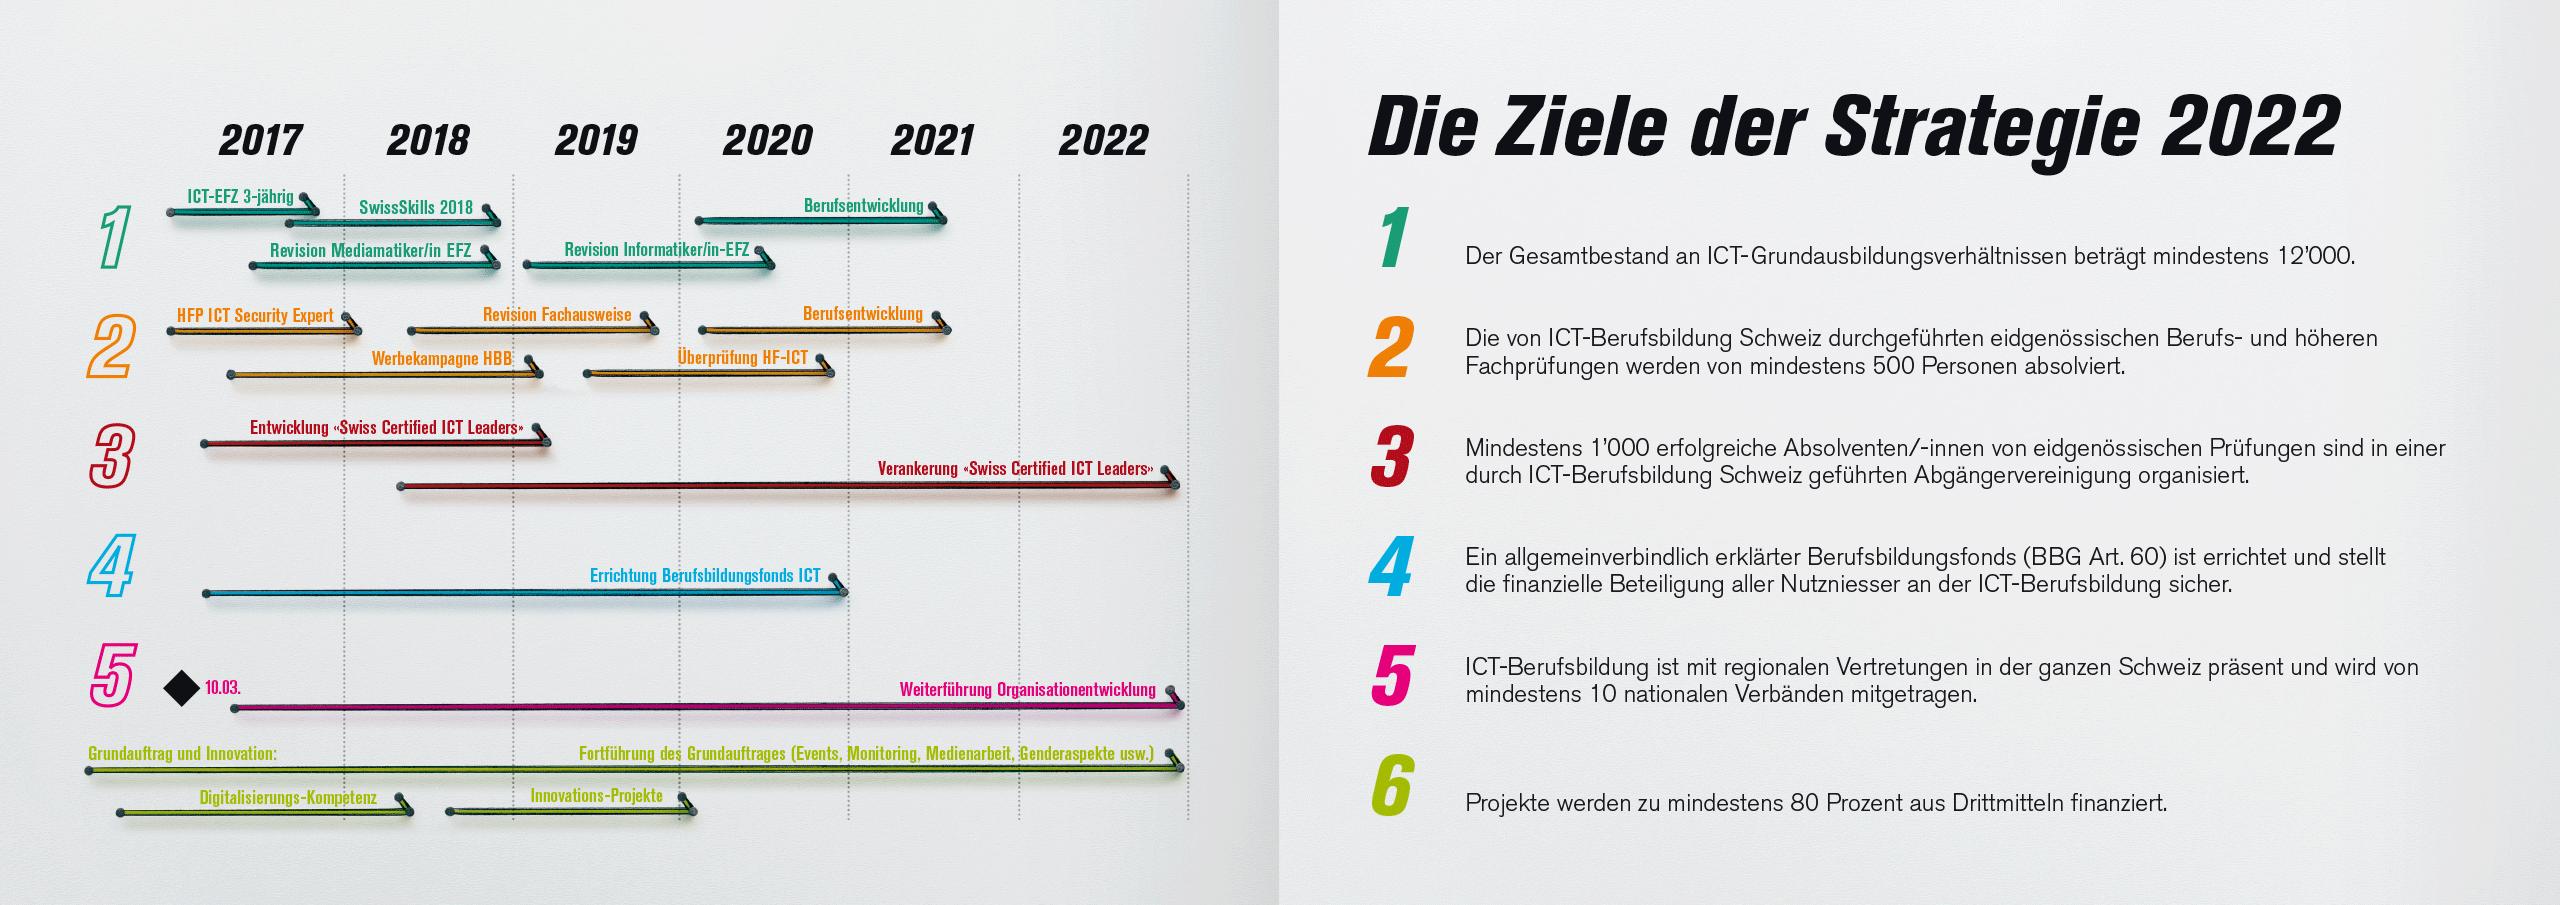 Ict berufsbildung schweiz strategiebrosch re daniel bieri for Ict schweiz